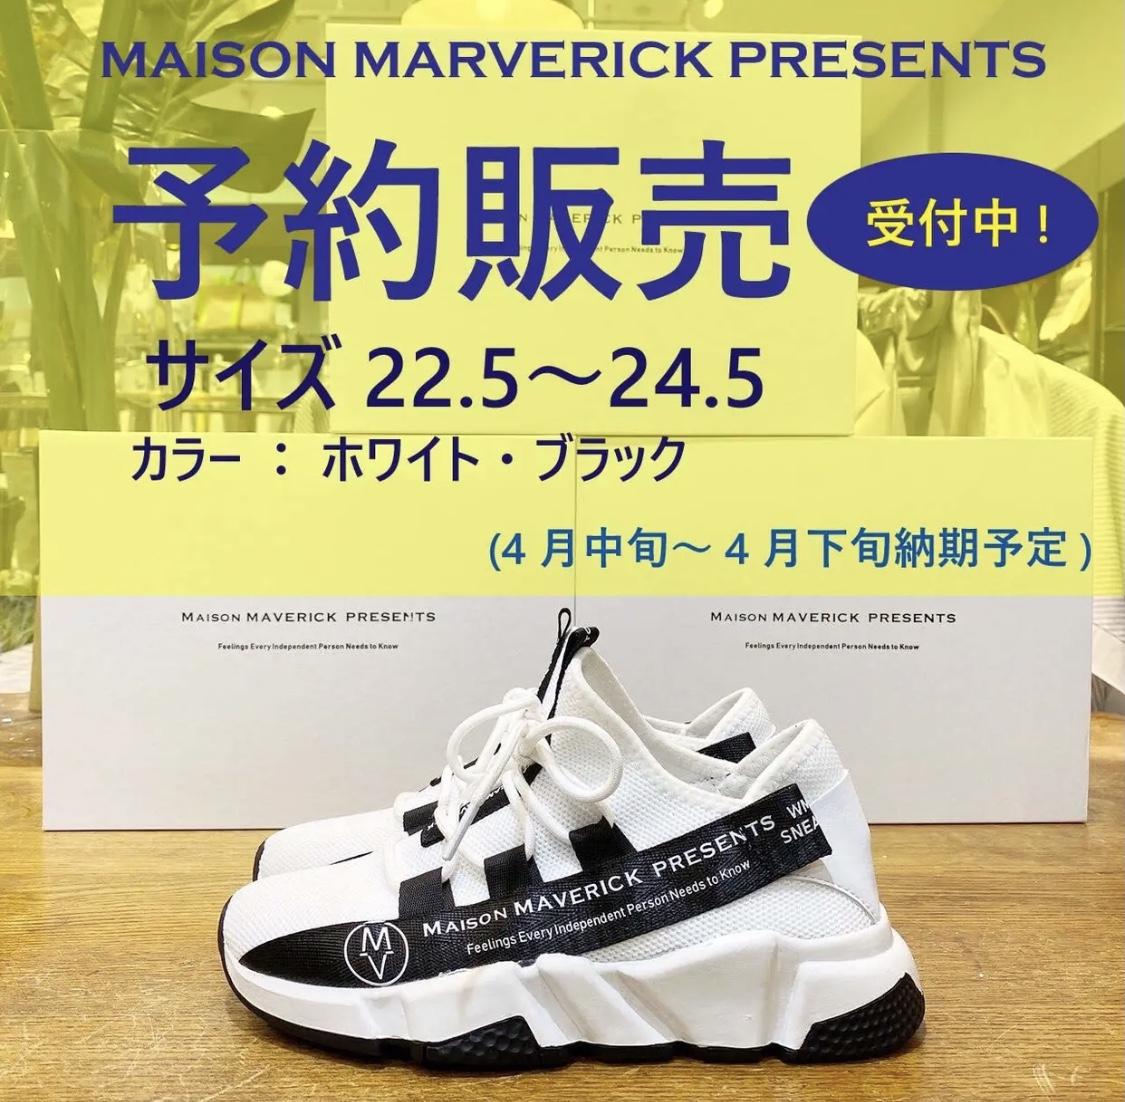 【予約販売開催中★】MAISON MAVERICK PRESENTS ダッドスニーカー